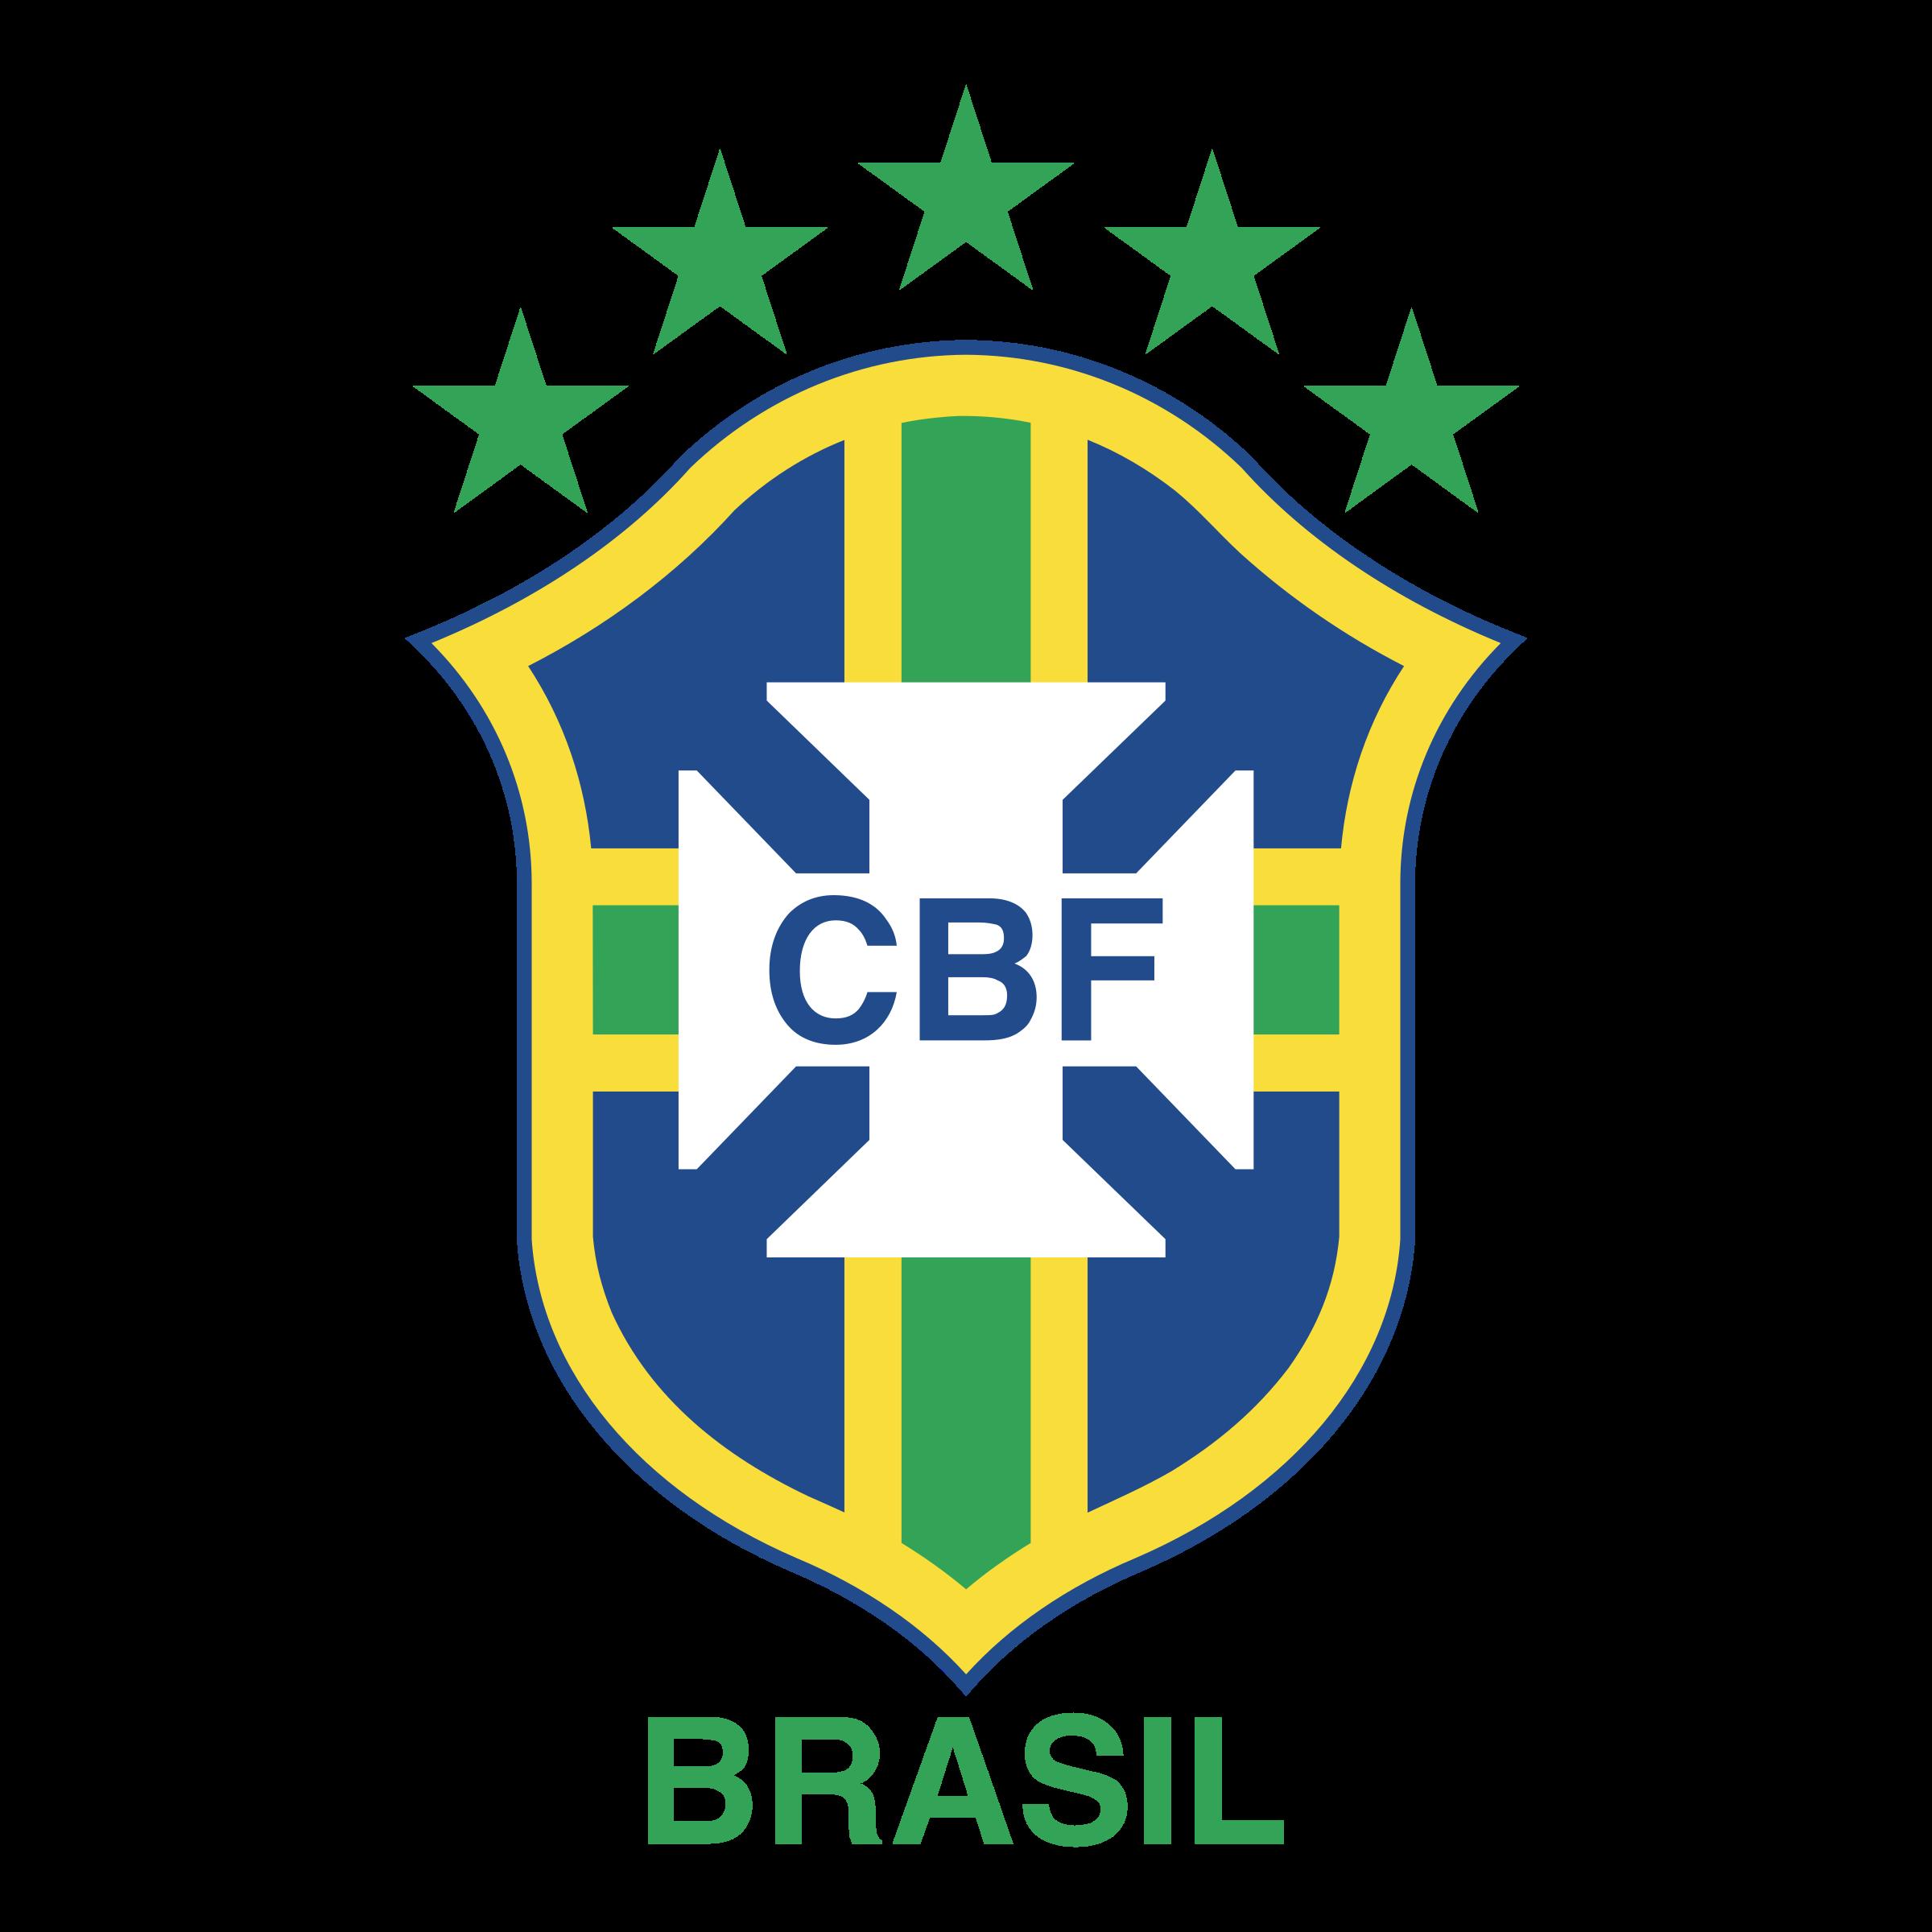 CBF Confederacao Brasileira de Futebol Logo PNG Transparent & SVG ...